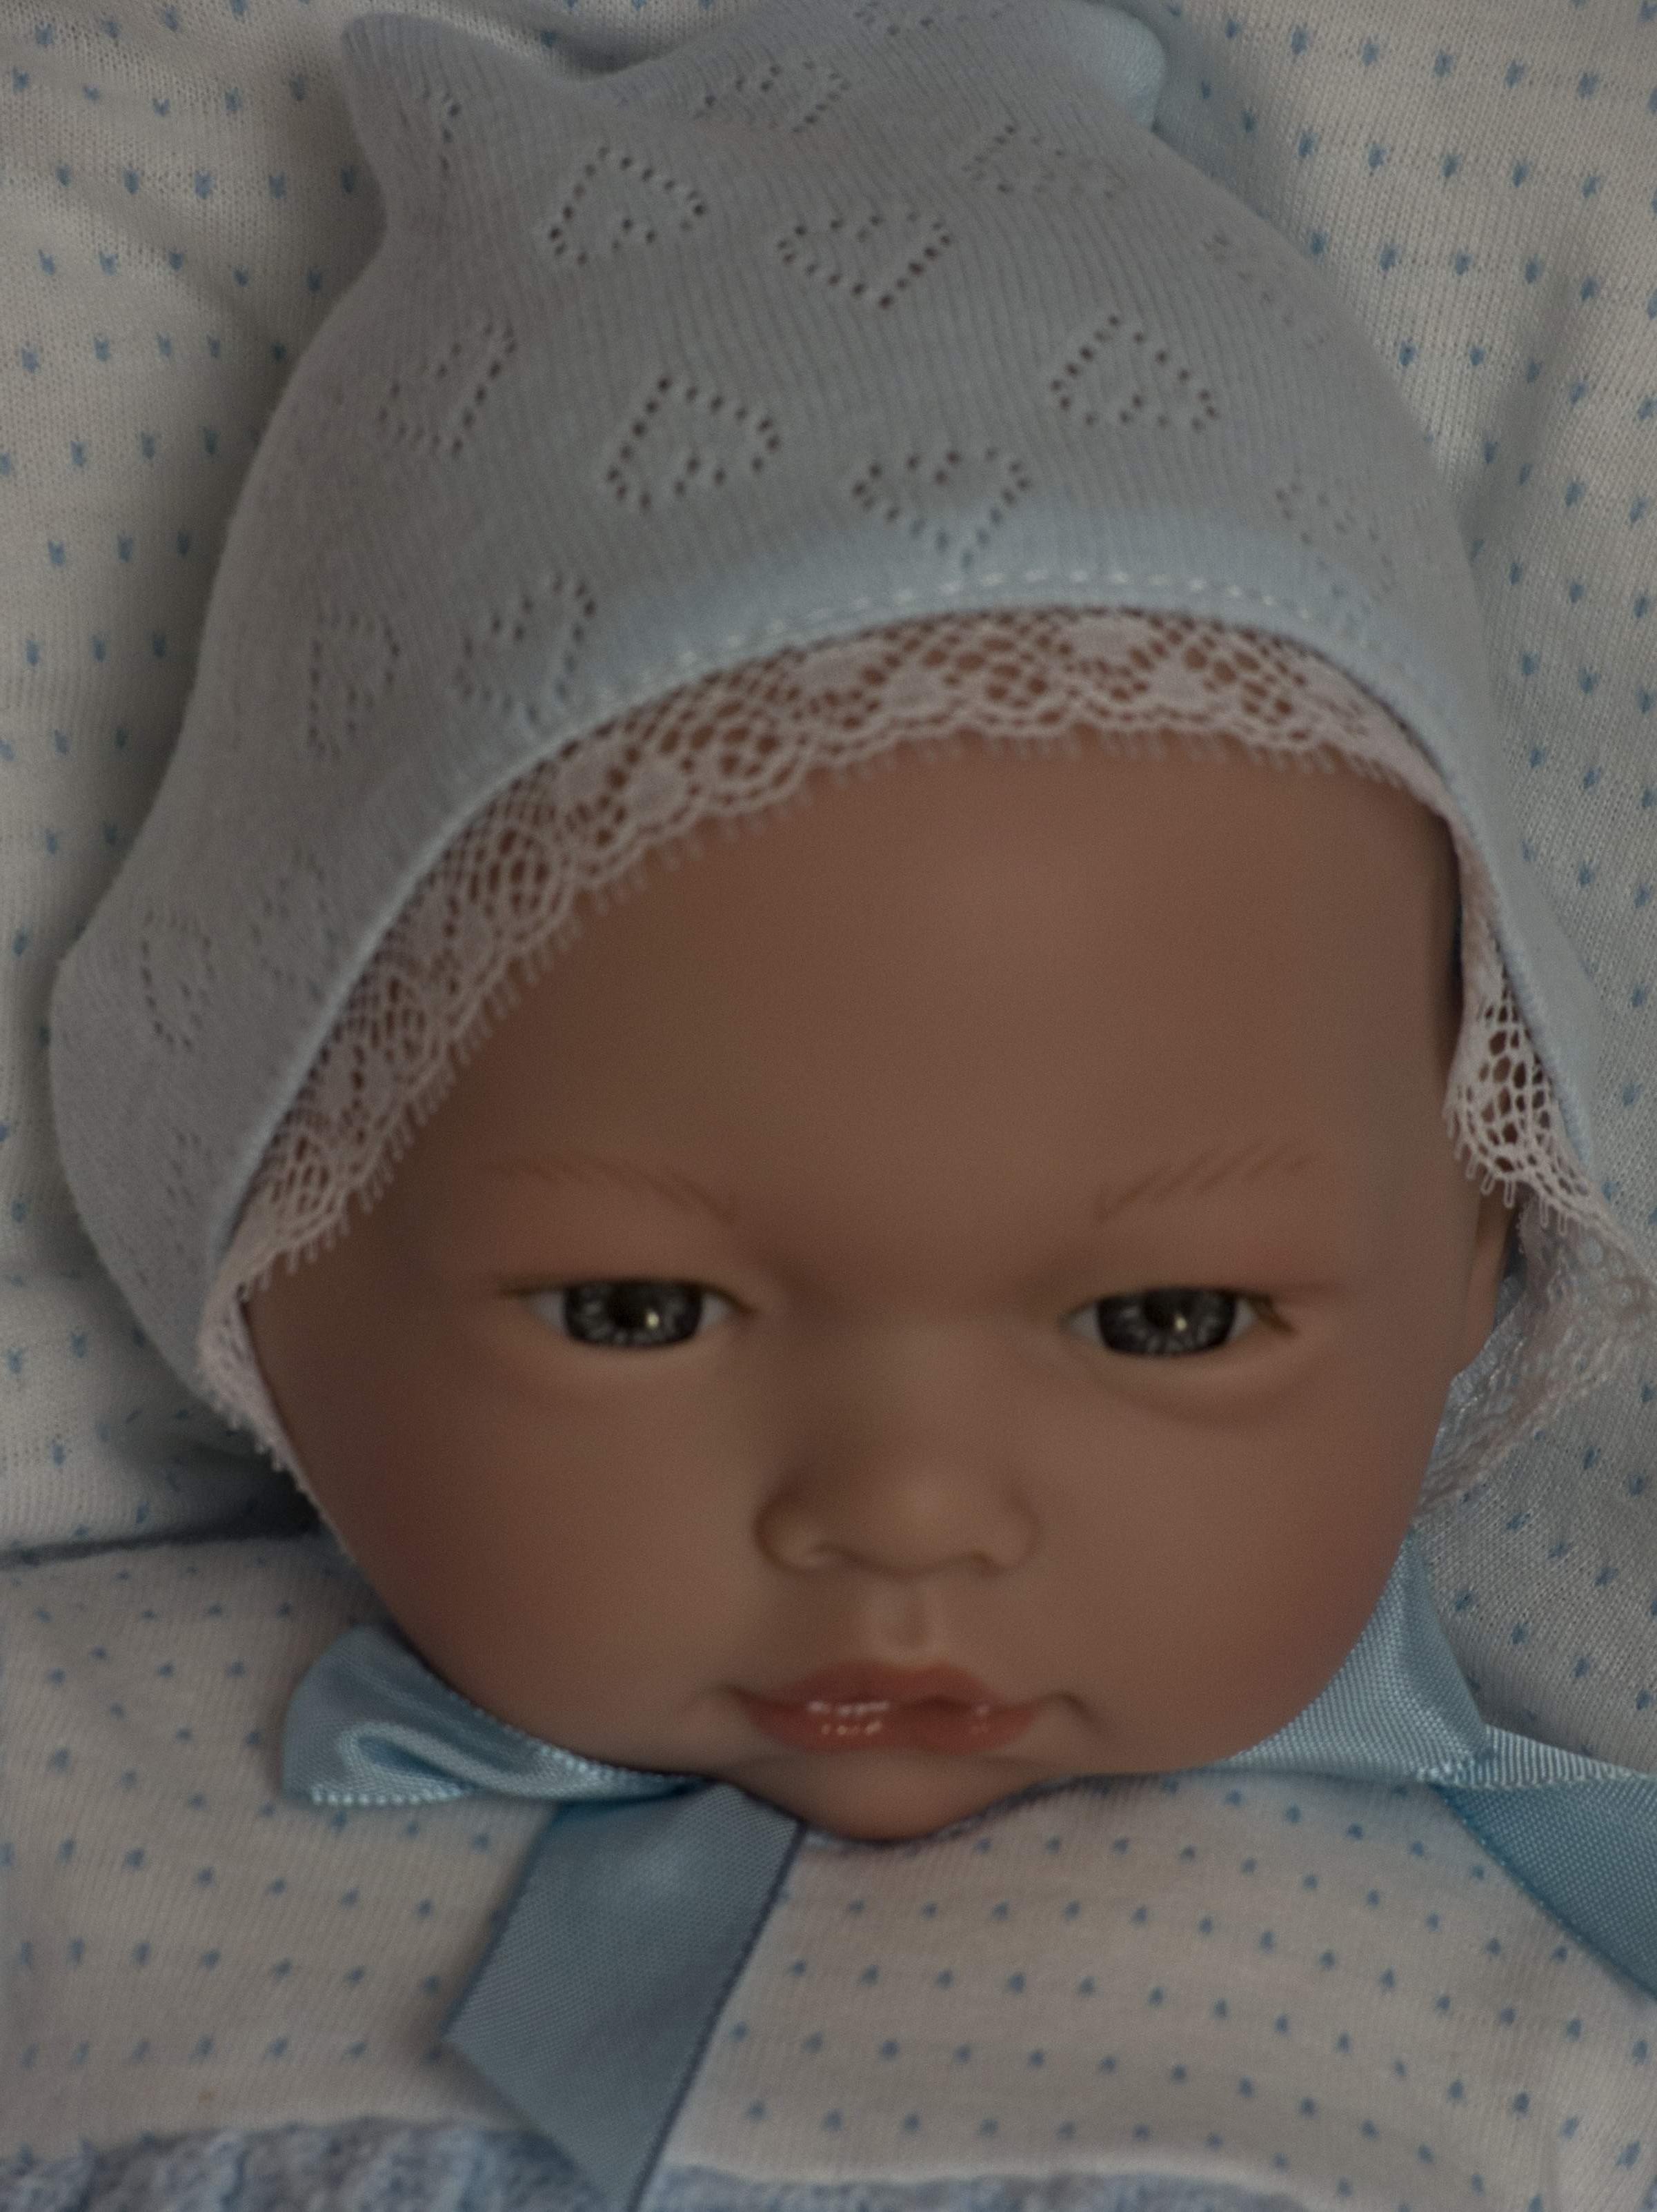 Chlapeček Samuel v zavinovačce od firmy Guca (Realistické miminko ze Španělska)